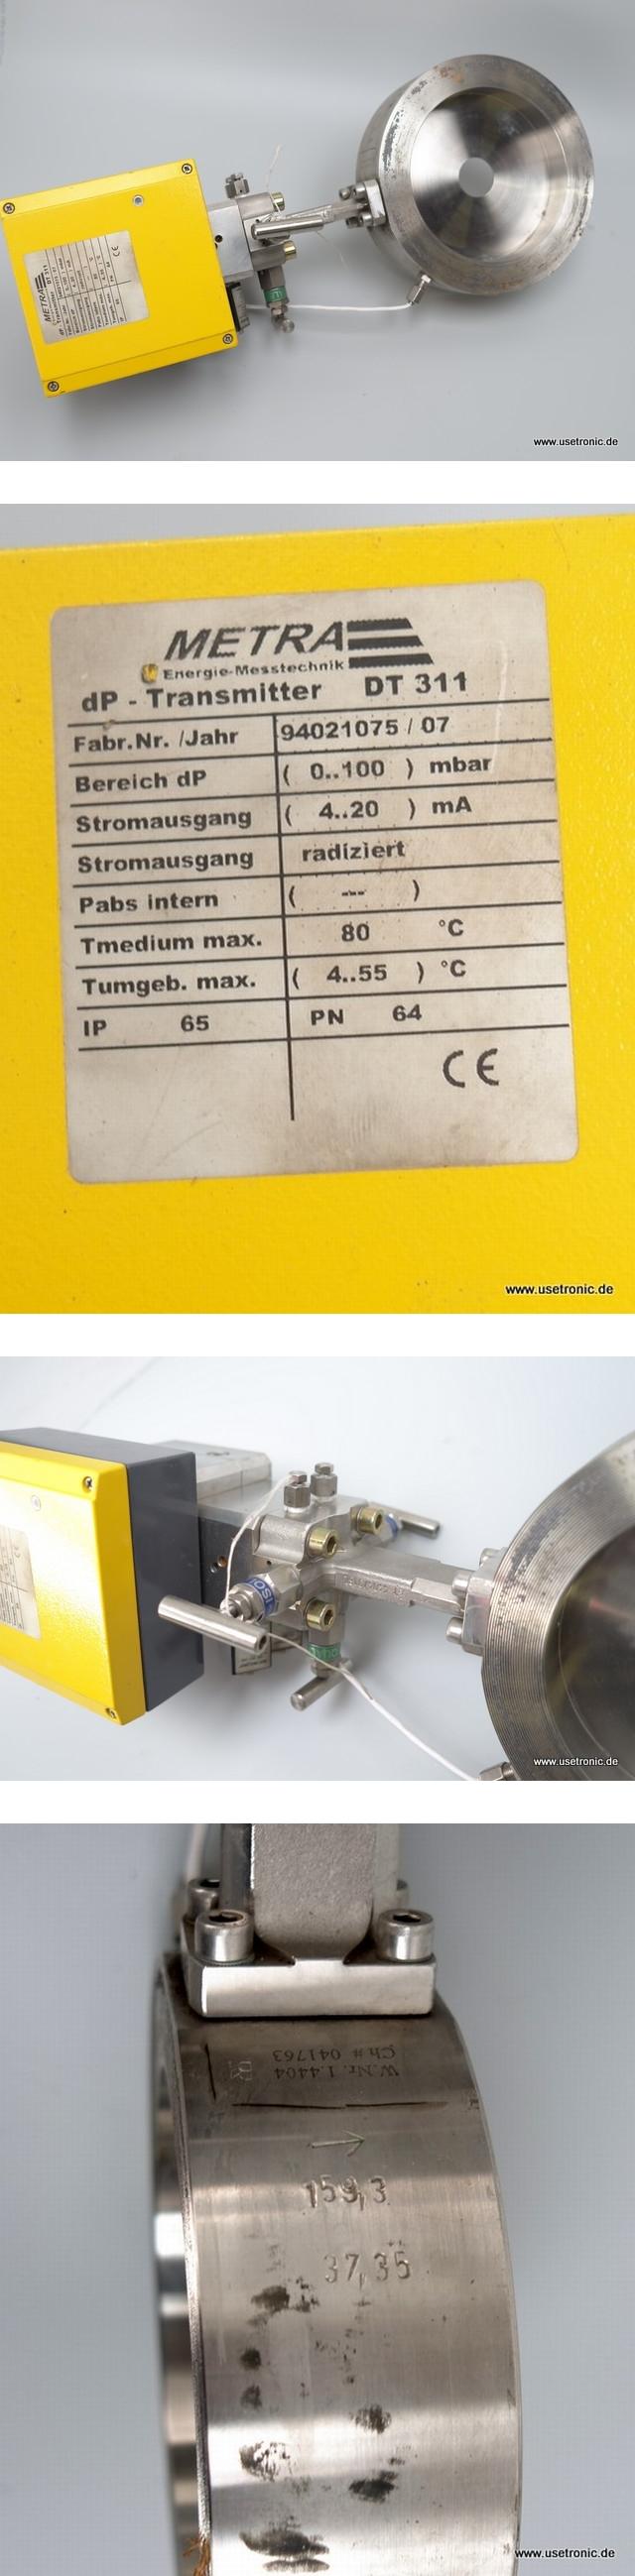 Danfoss orikon Durchflusszähler Metra DT-311